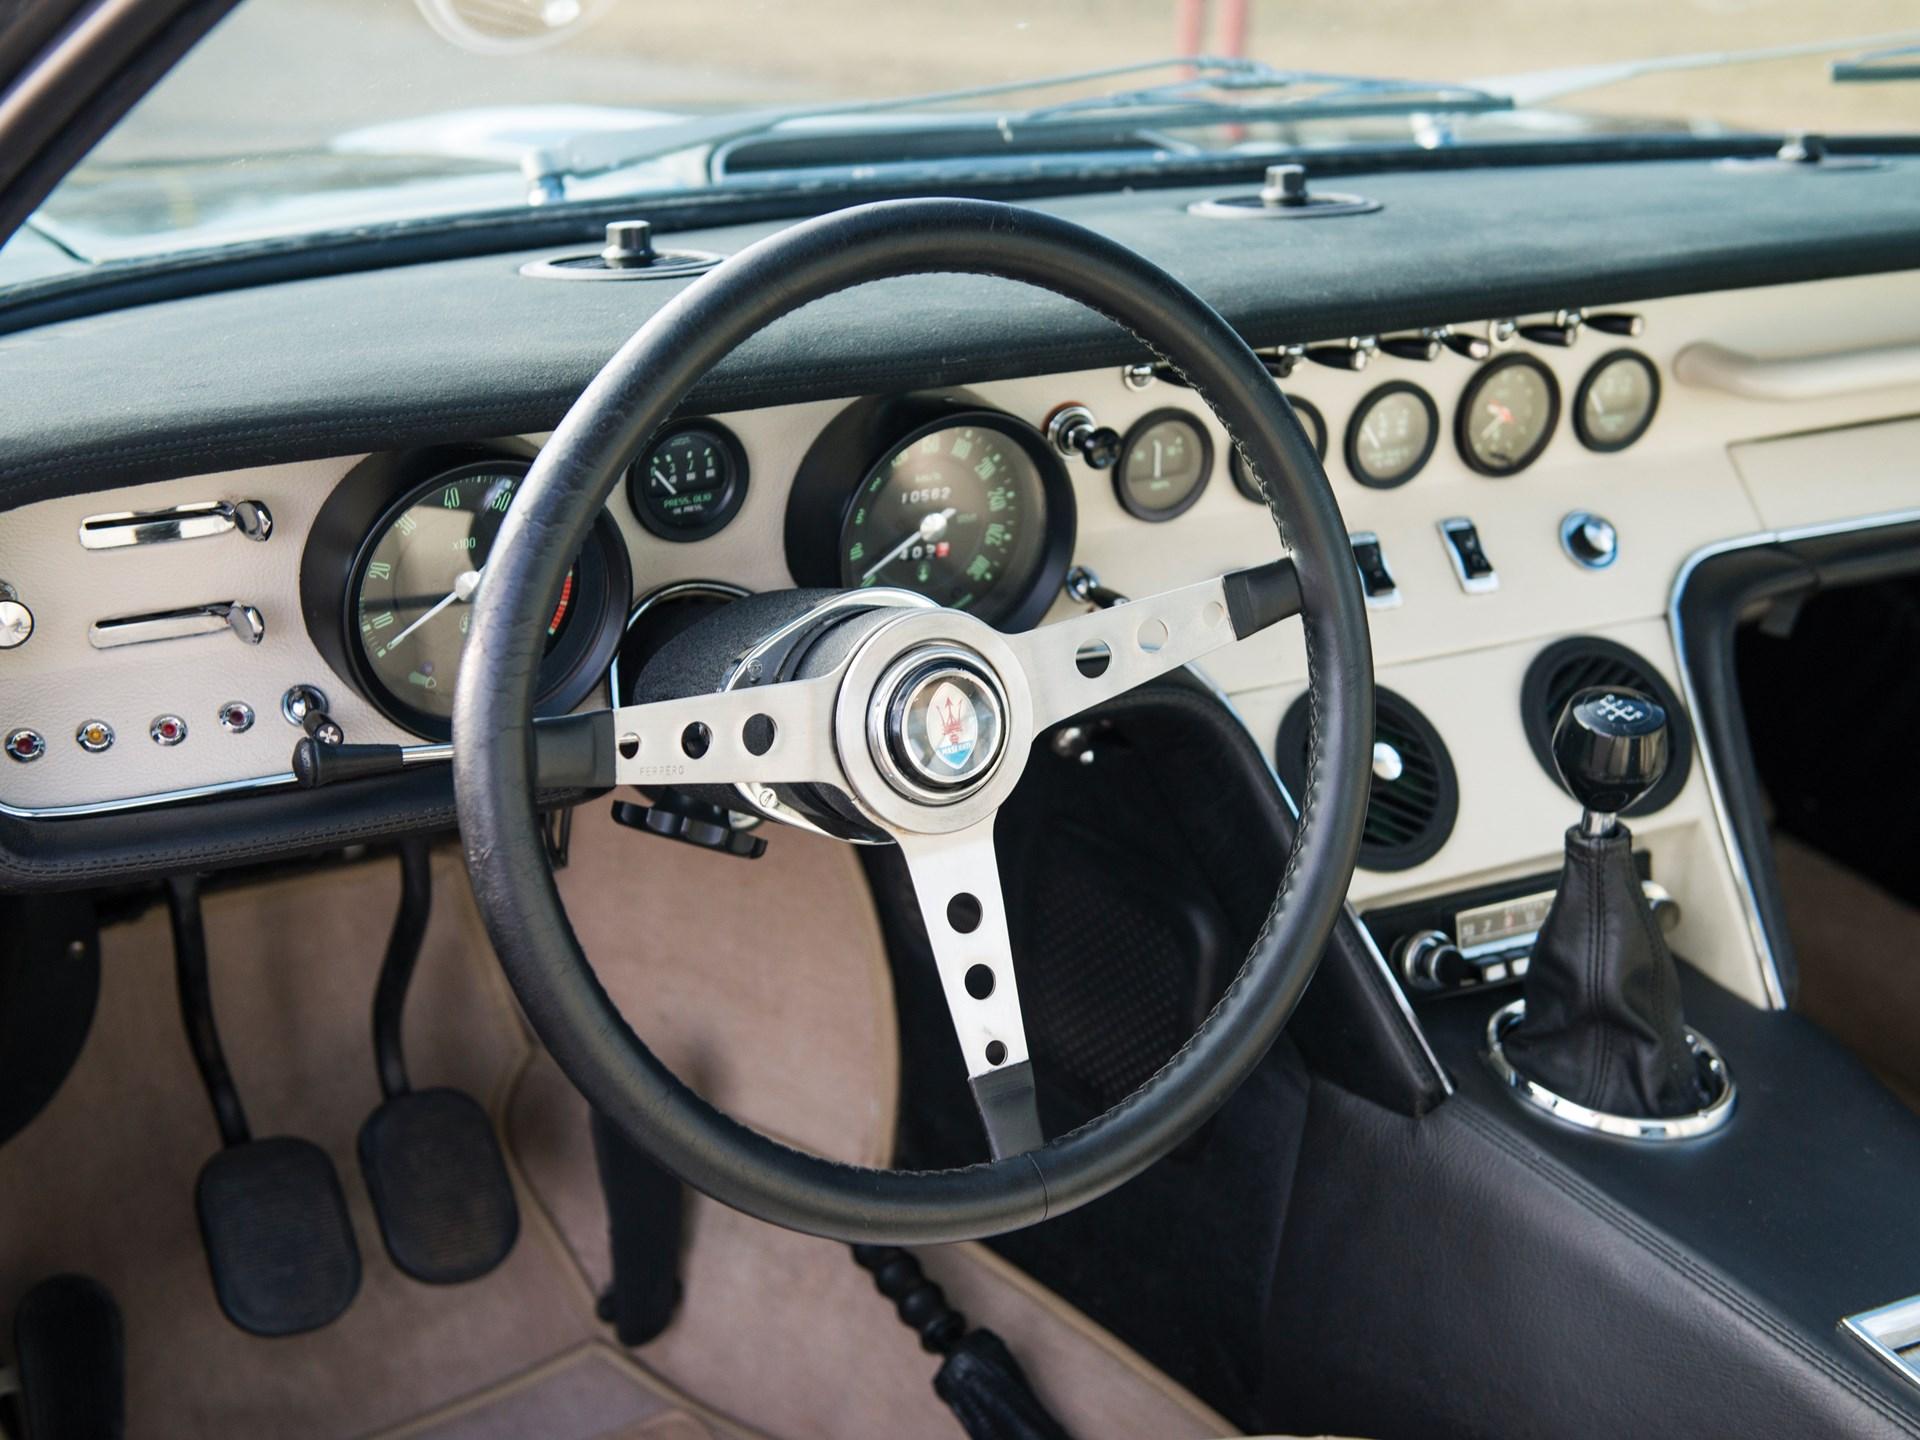 1969 Maserati Ghibli 4.7 Coupe by Ghia